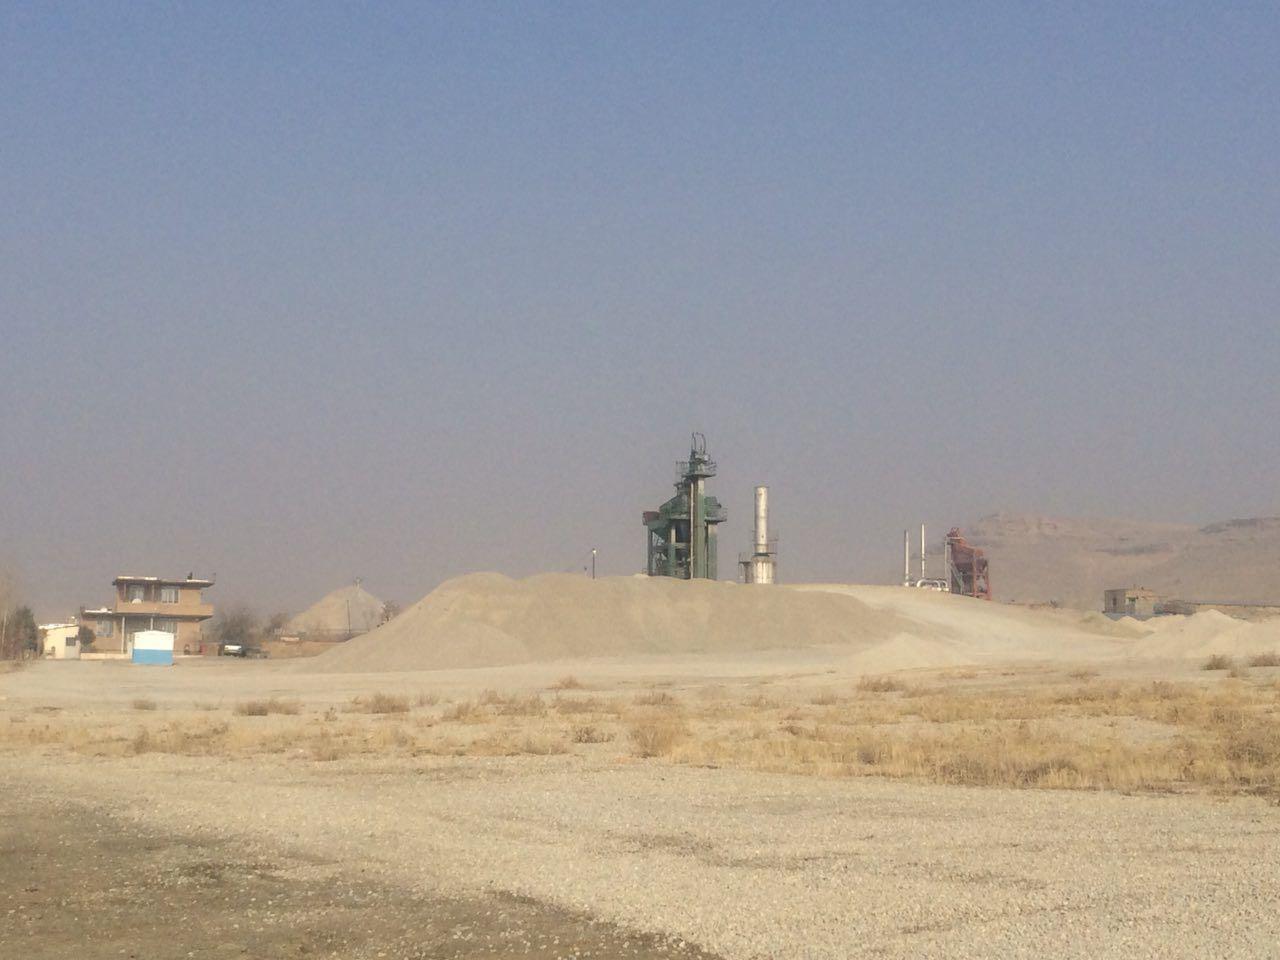 تعطیلی کارخانههای آسفالت ارومیه بهخاطر آلودگی هوا/ بیست و سی: تعطیل نیست!